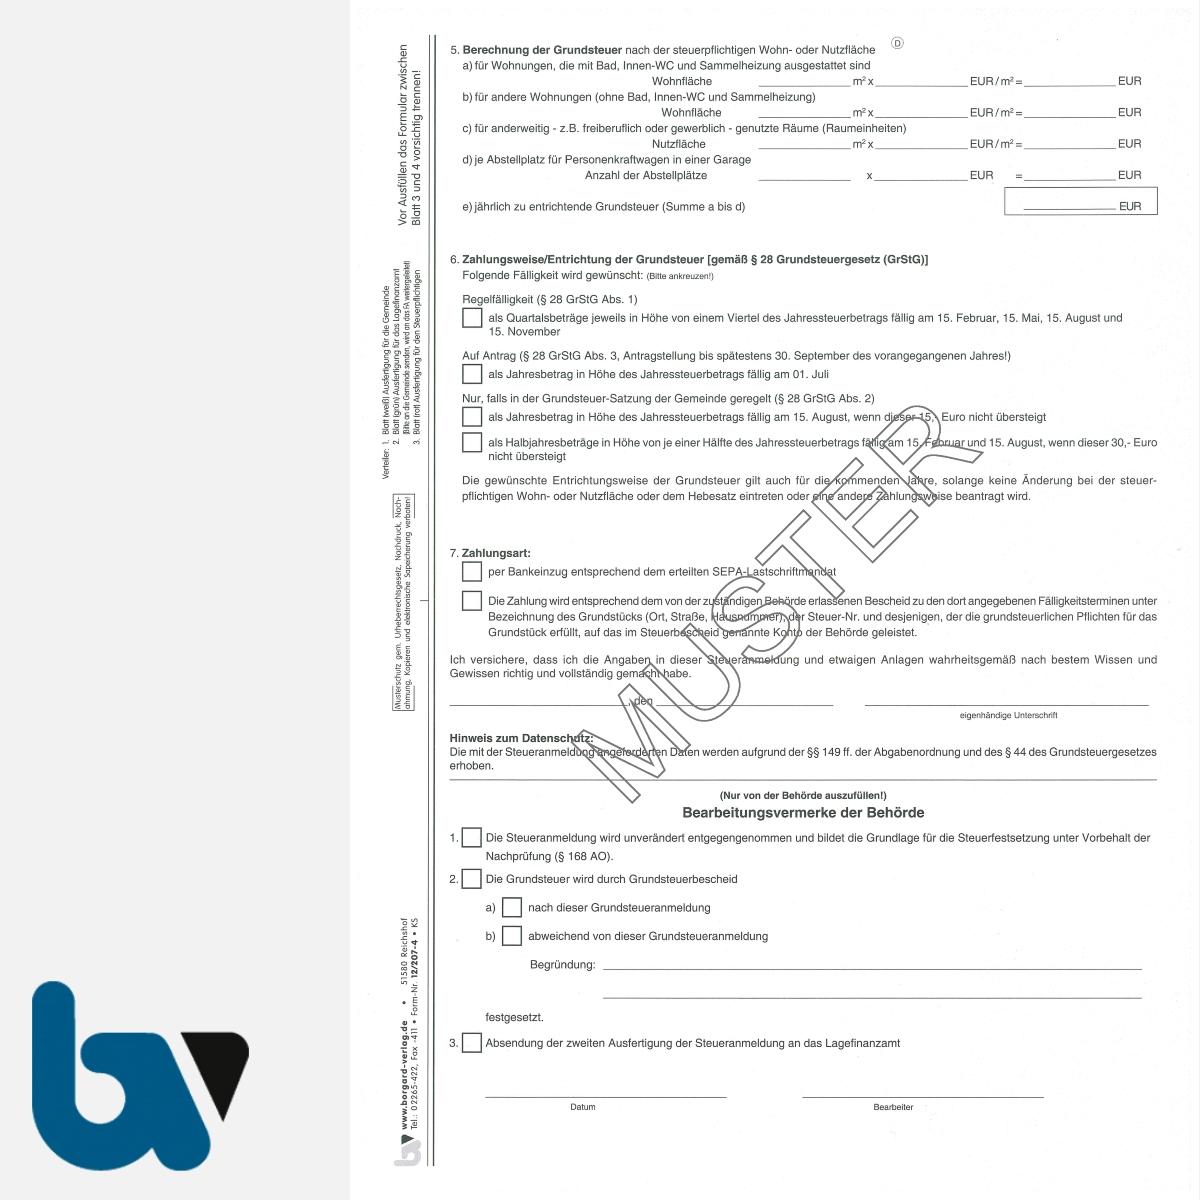 12/207-4 Grundsteuer Anmeldung Berechnung Entrichtung ohne Einzugsermächtigung Erläuterungen Hinweise 3-fach selbstdurchschreibend DIN A4 Seite 2 | Borgard Verlag GmbH